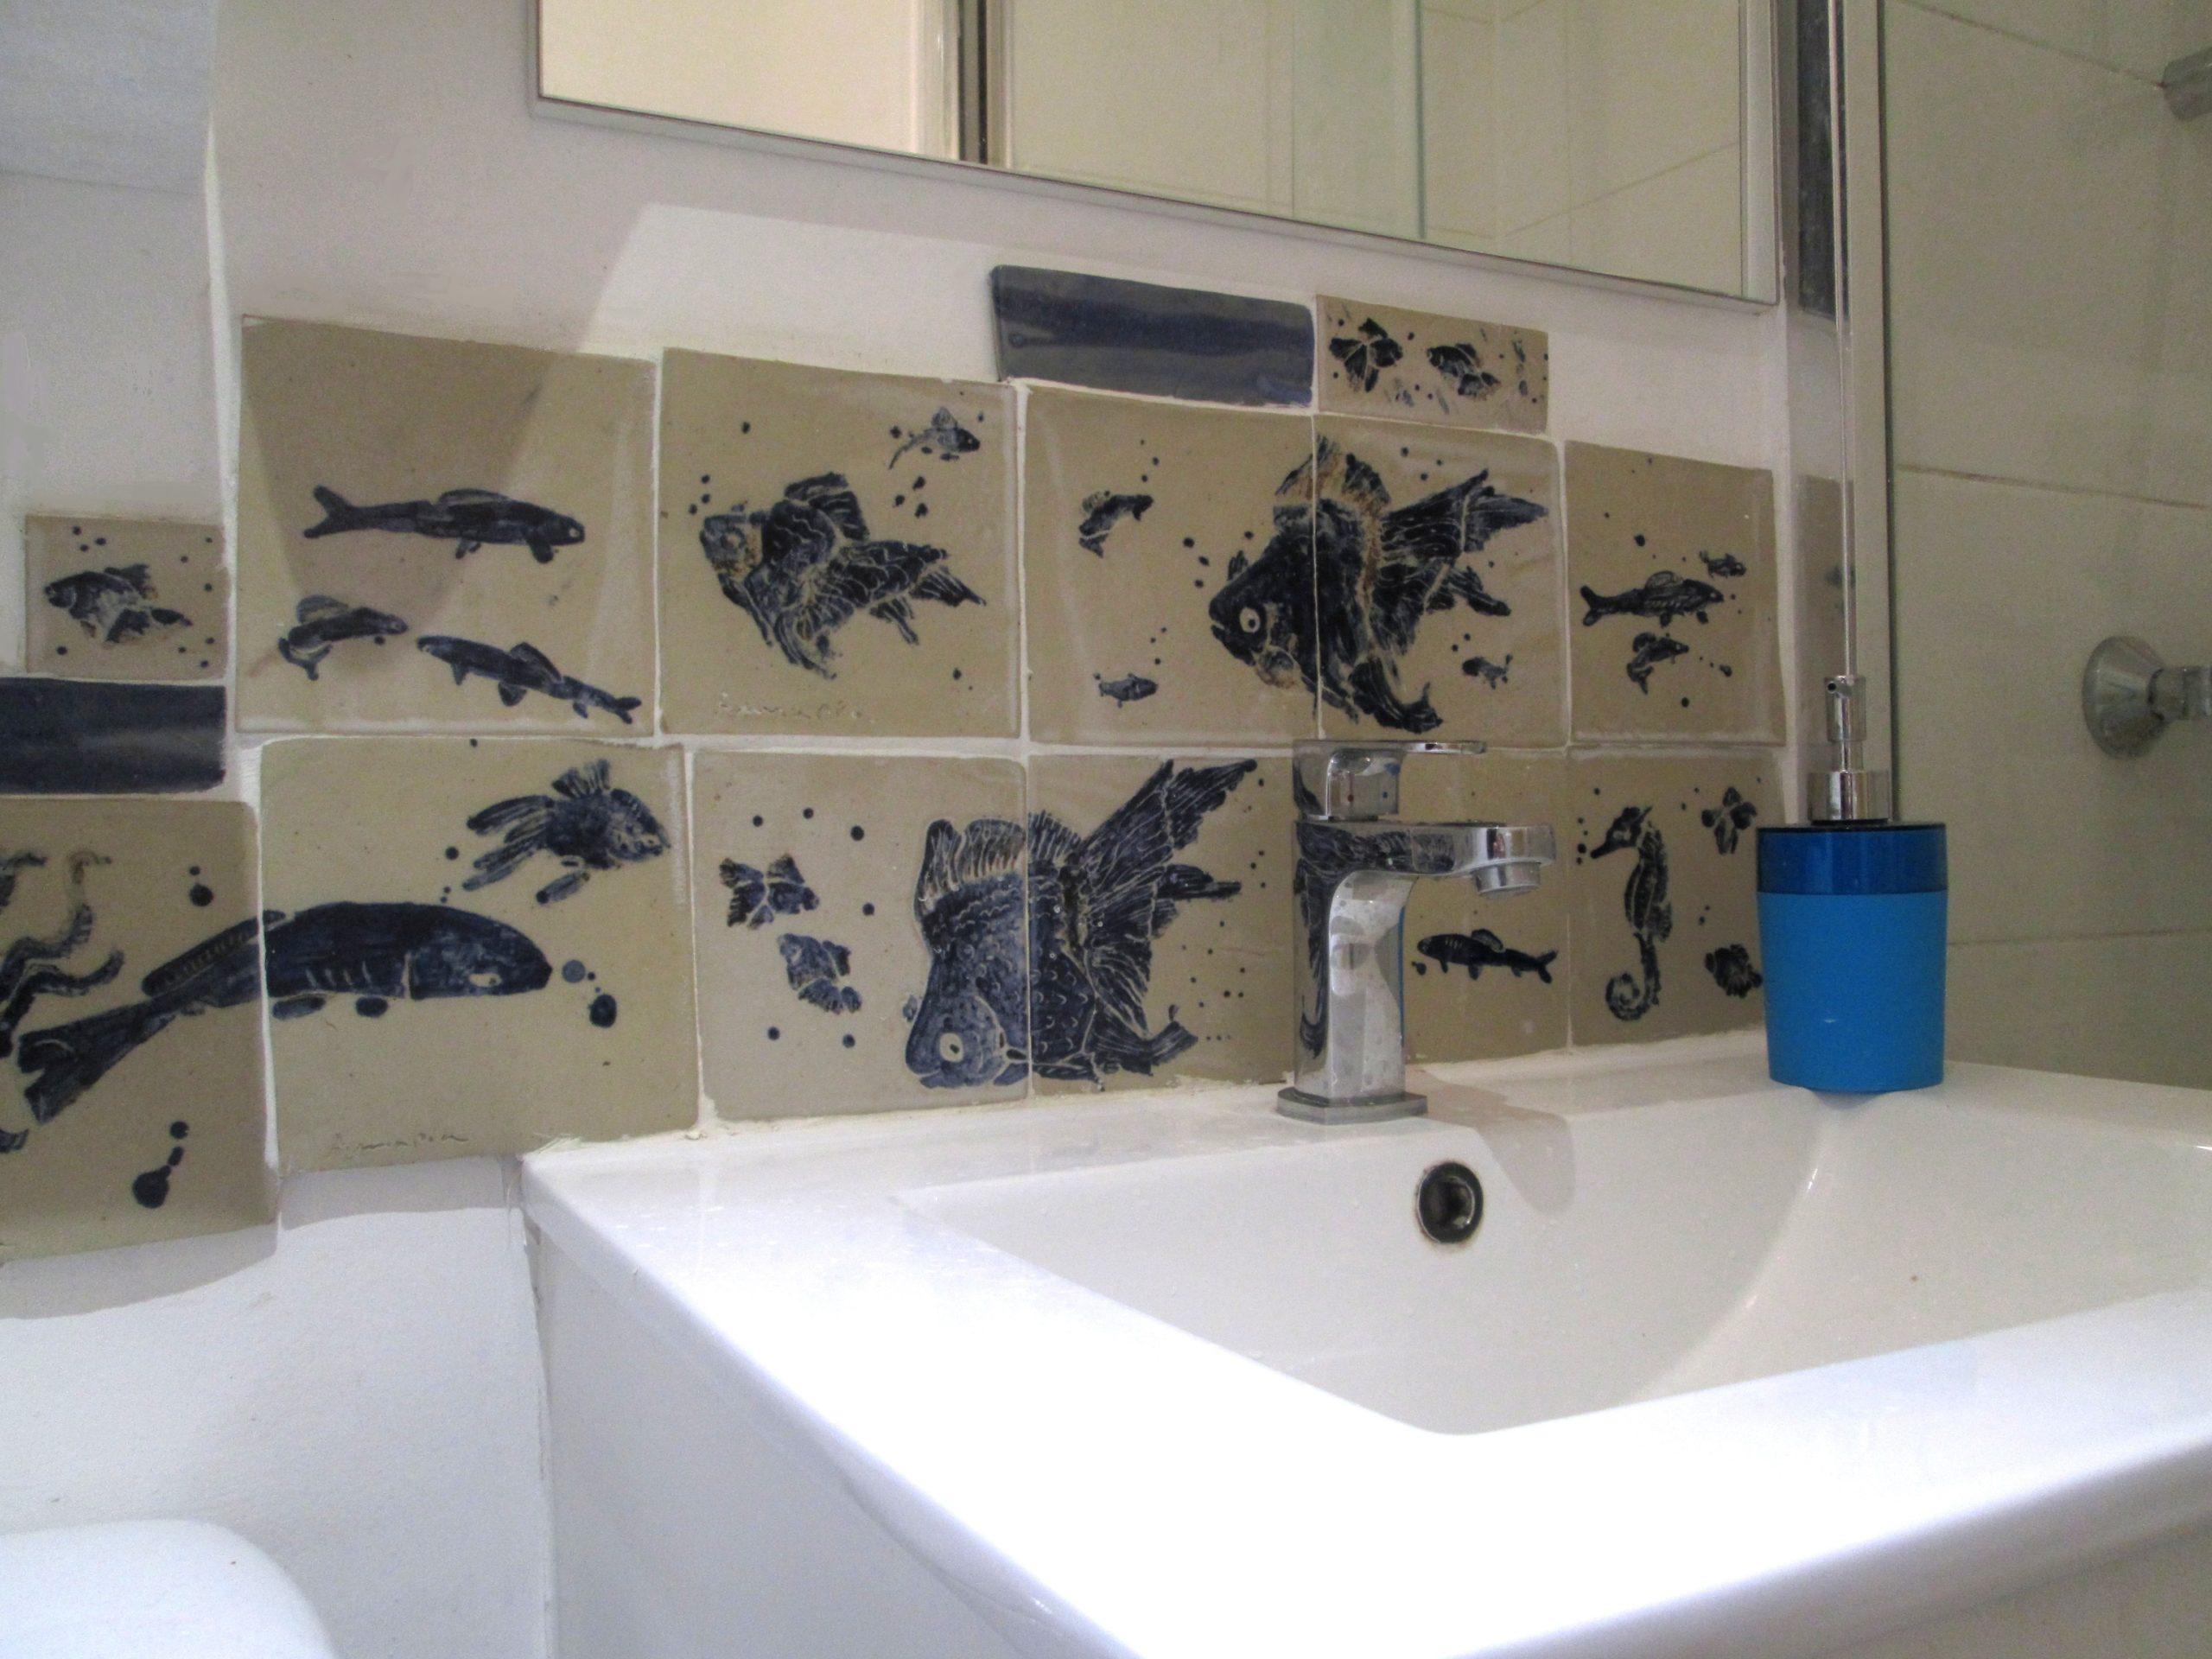 Annapia Sogliani piastrelle ceramica fatte e decorate a mano handmade ceramic tiles carreaux muraux céramique fait et décorés main